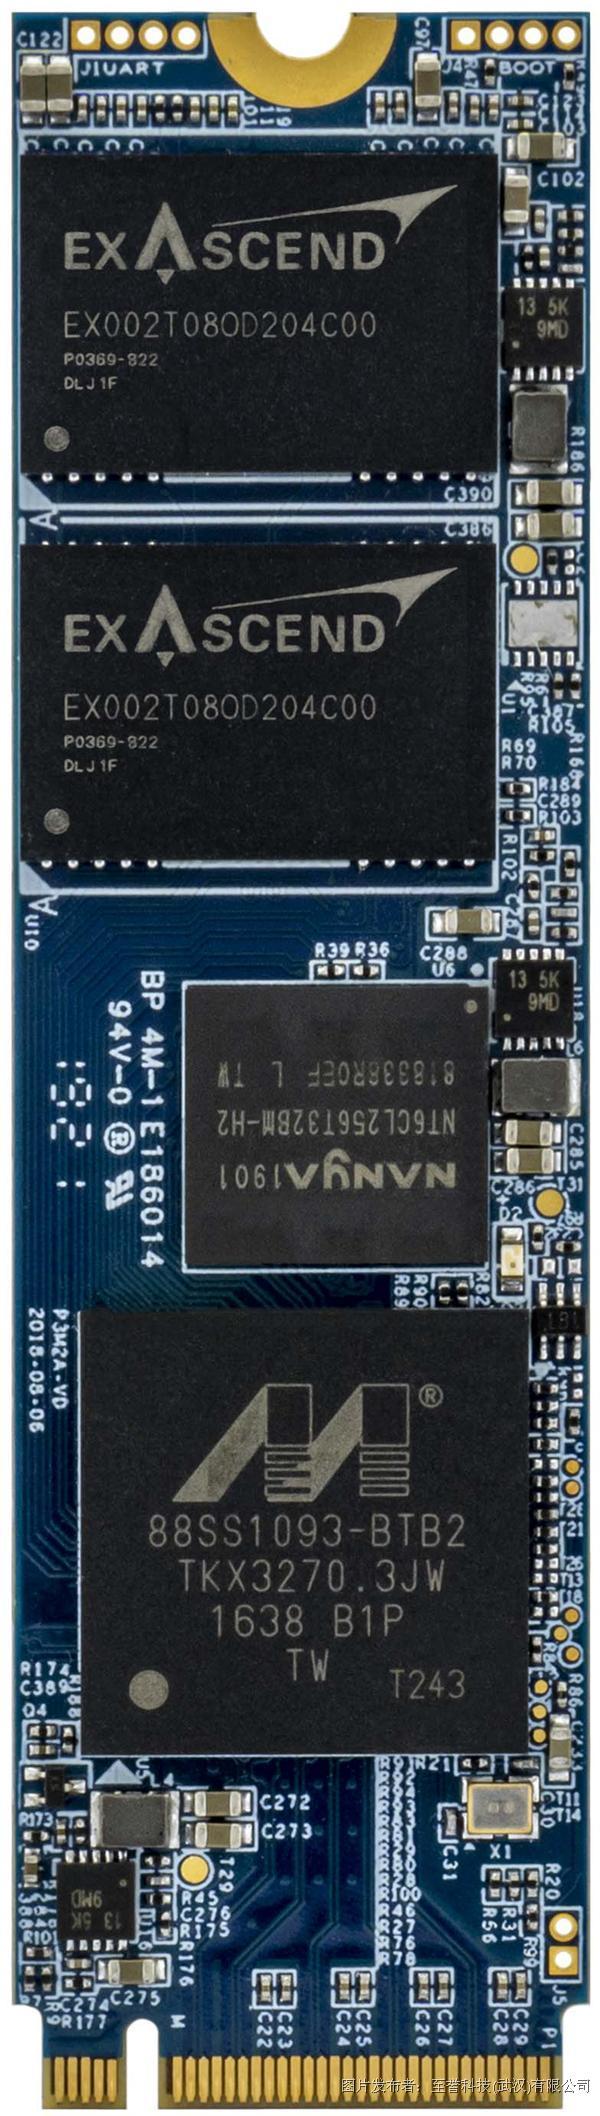 至誉科技   PCIe Gen3x4 SSD 工业级 PE3 系列